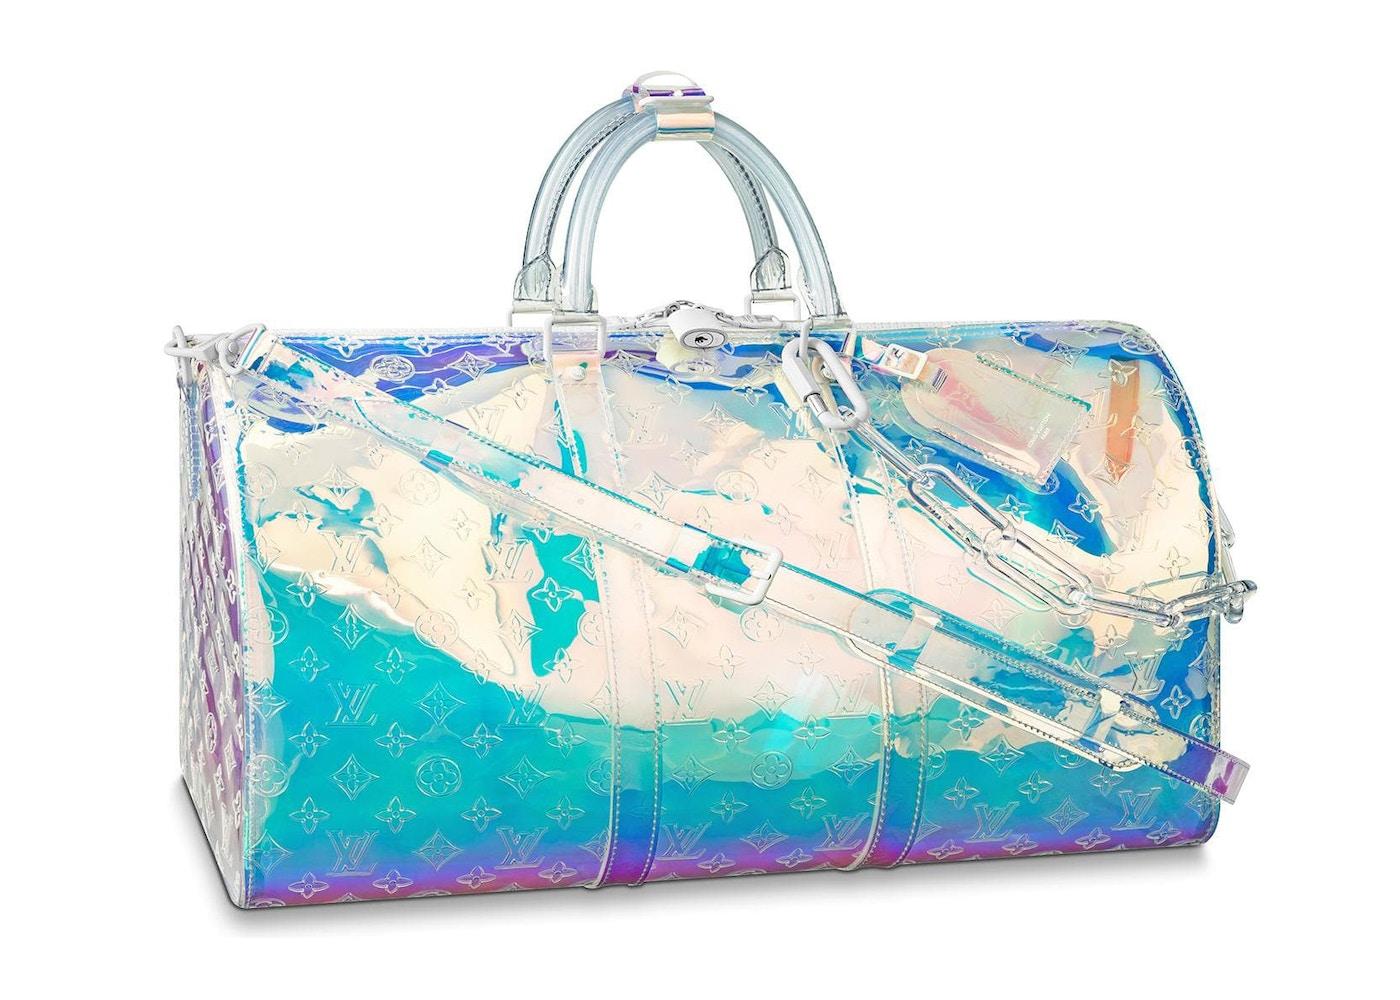 139e574880d Louis Vuitton Keepall Bandouliere Monogram 50 Prism